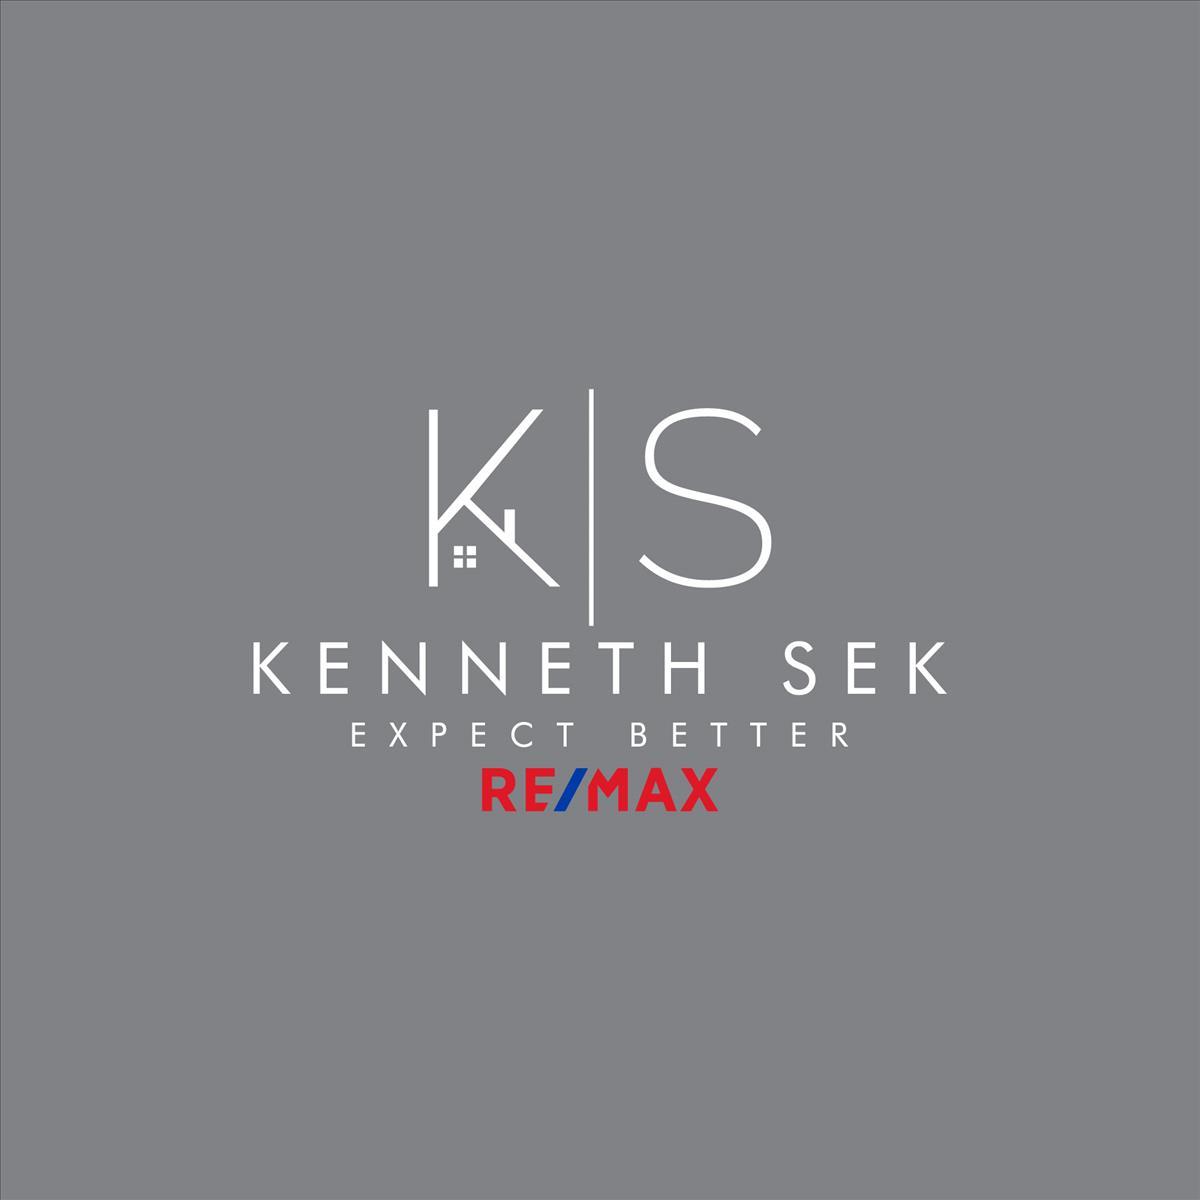 Kenneth Sek